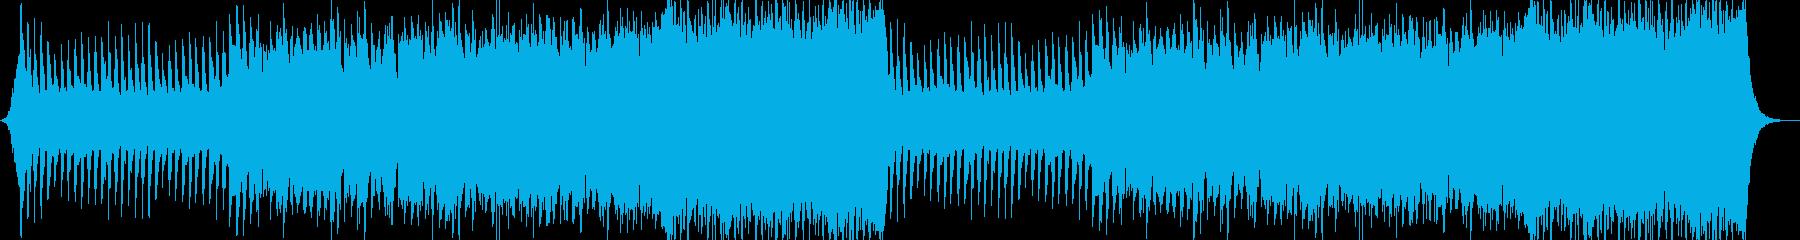 ハリウッド/オーケストラ/映画/壮大3aの再生済みの波形